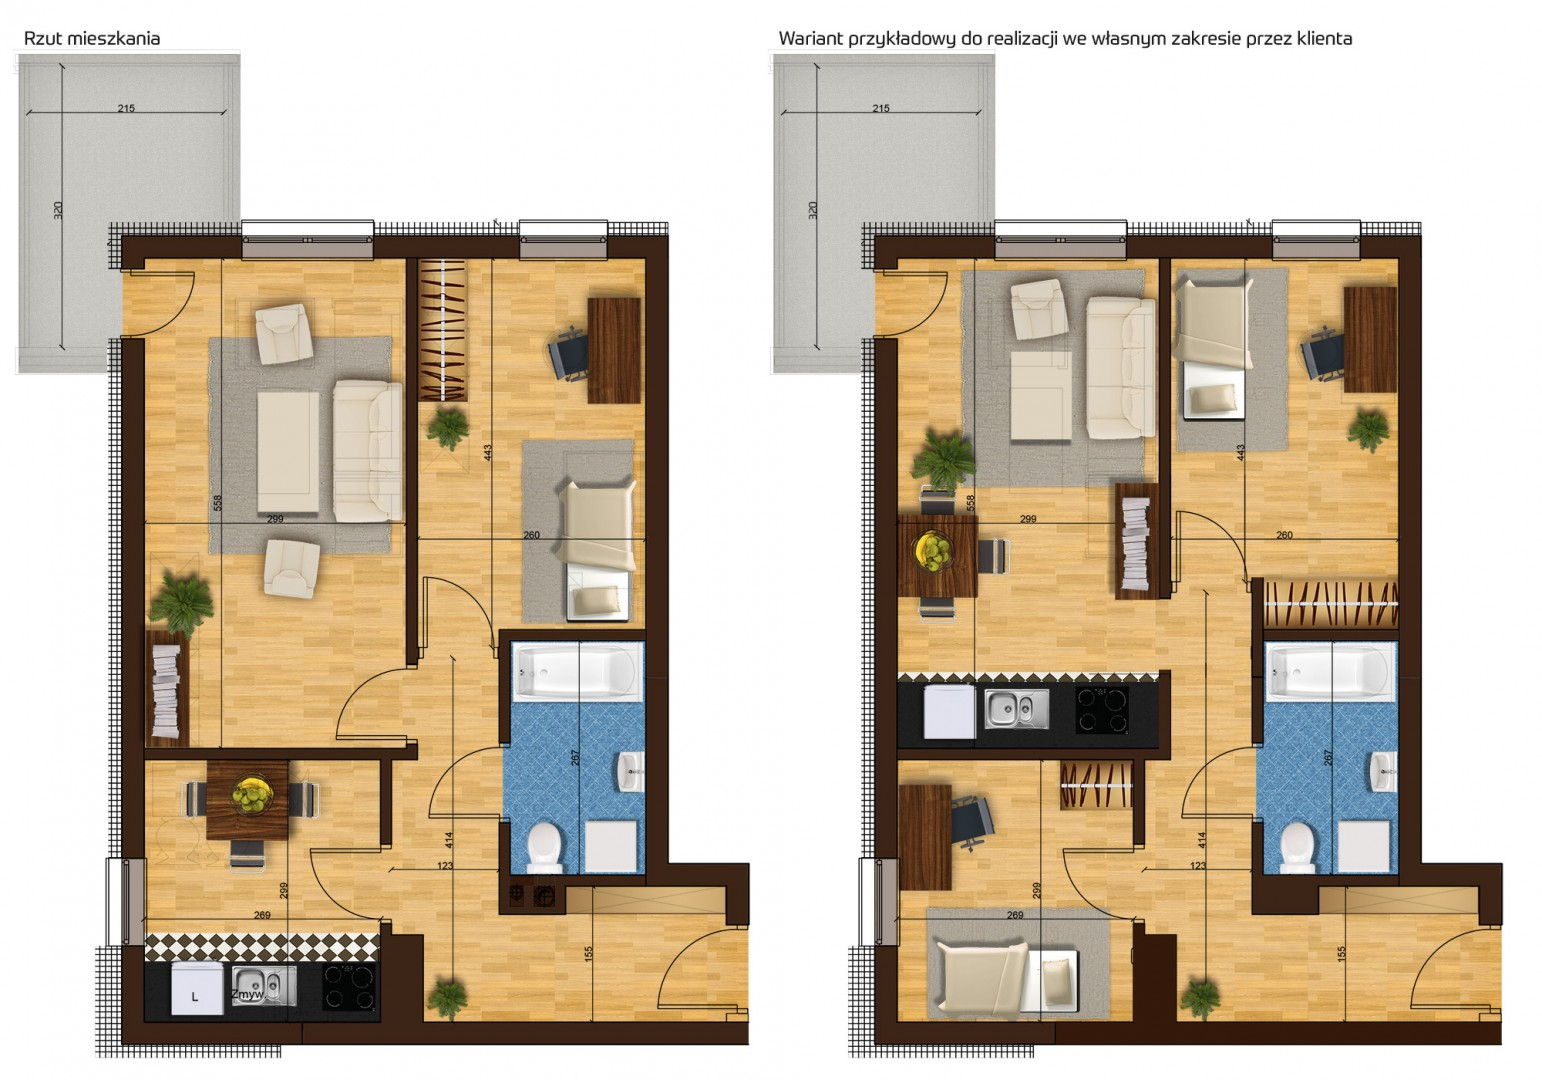 Mieszkanie dwupokojowe 33G/33 rzut 1